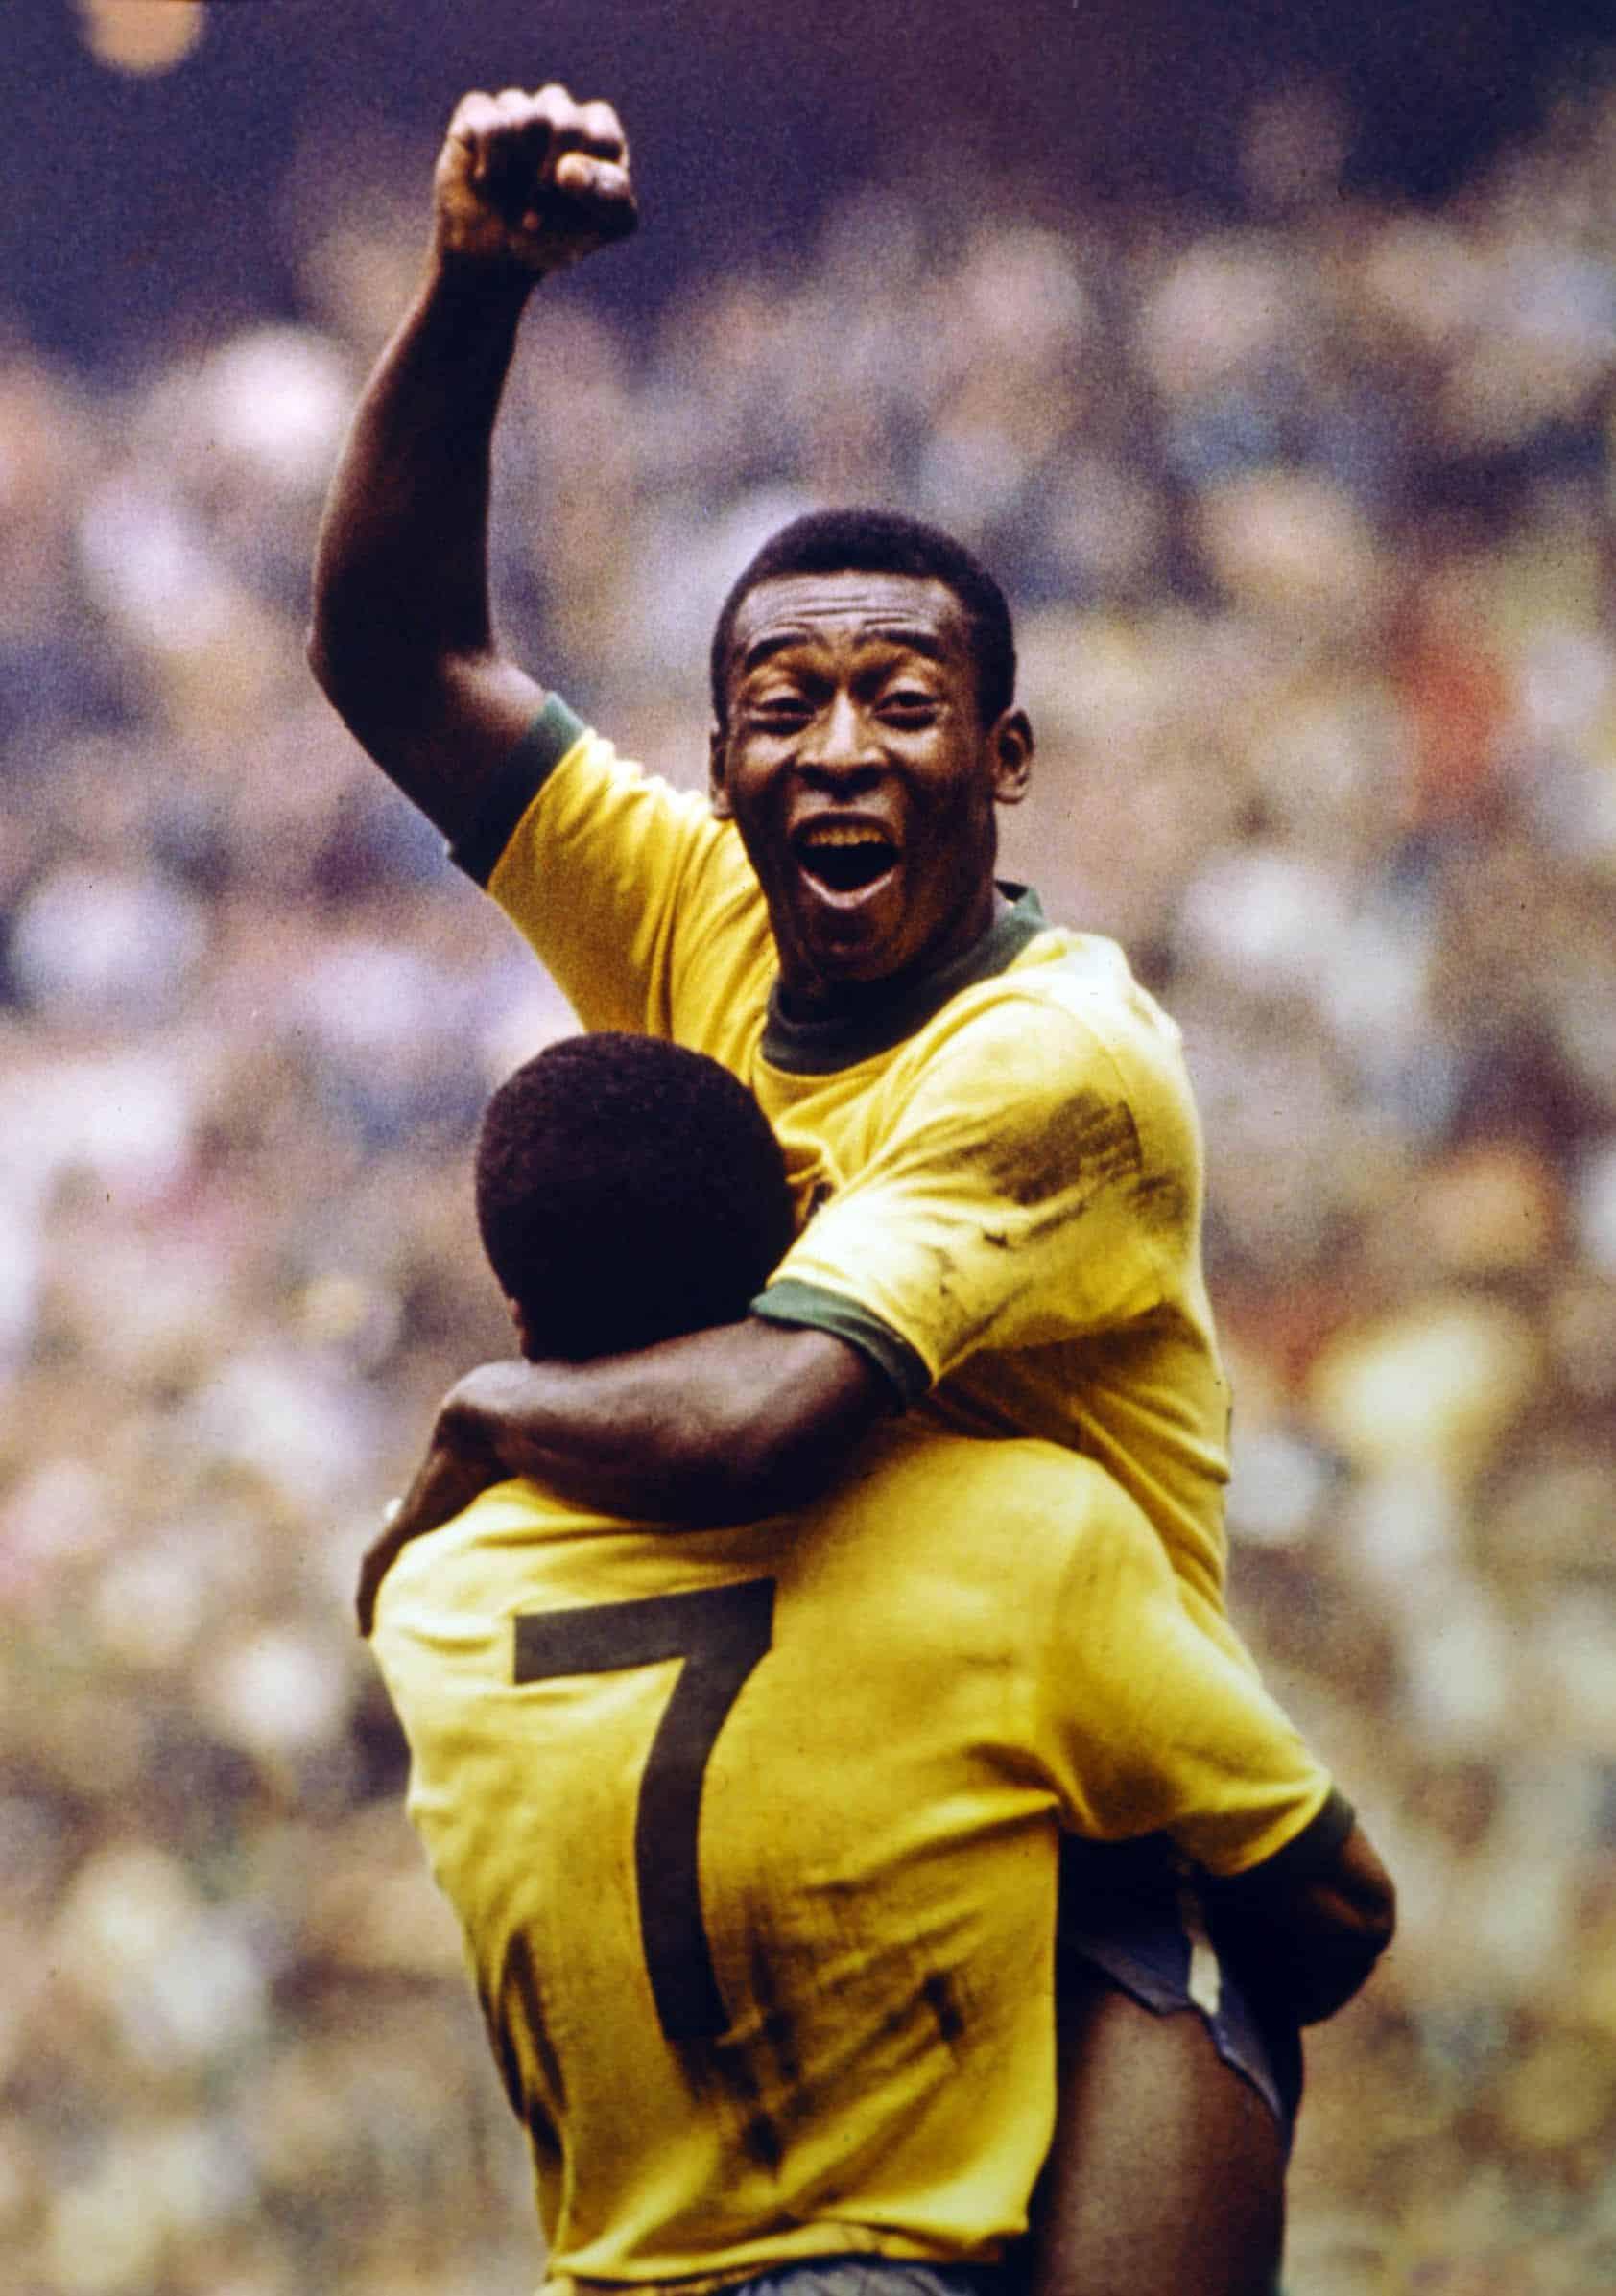 Maillots-football-coupe-du-monde-brésil-1970-mai-2018